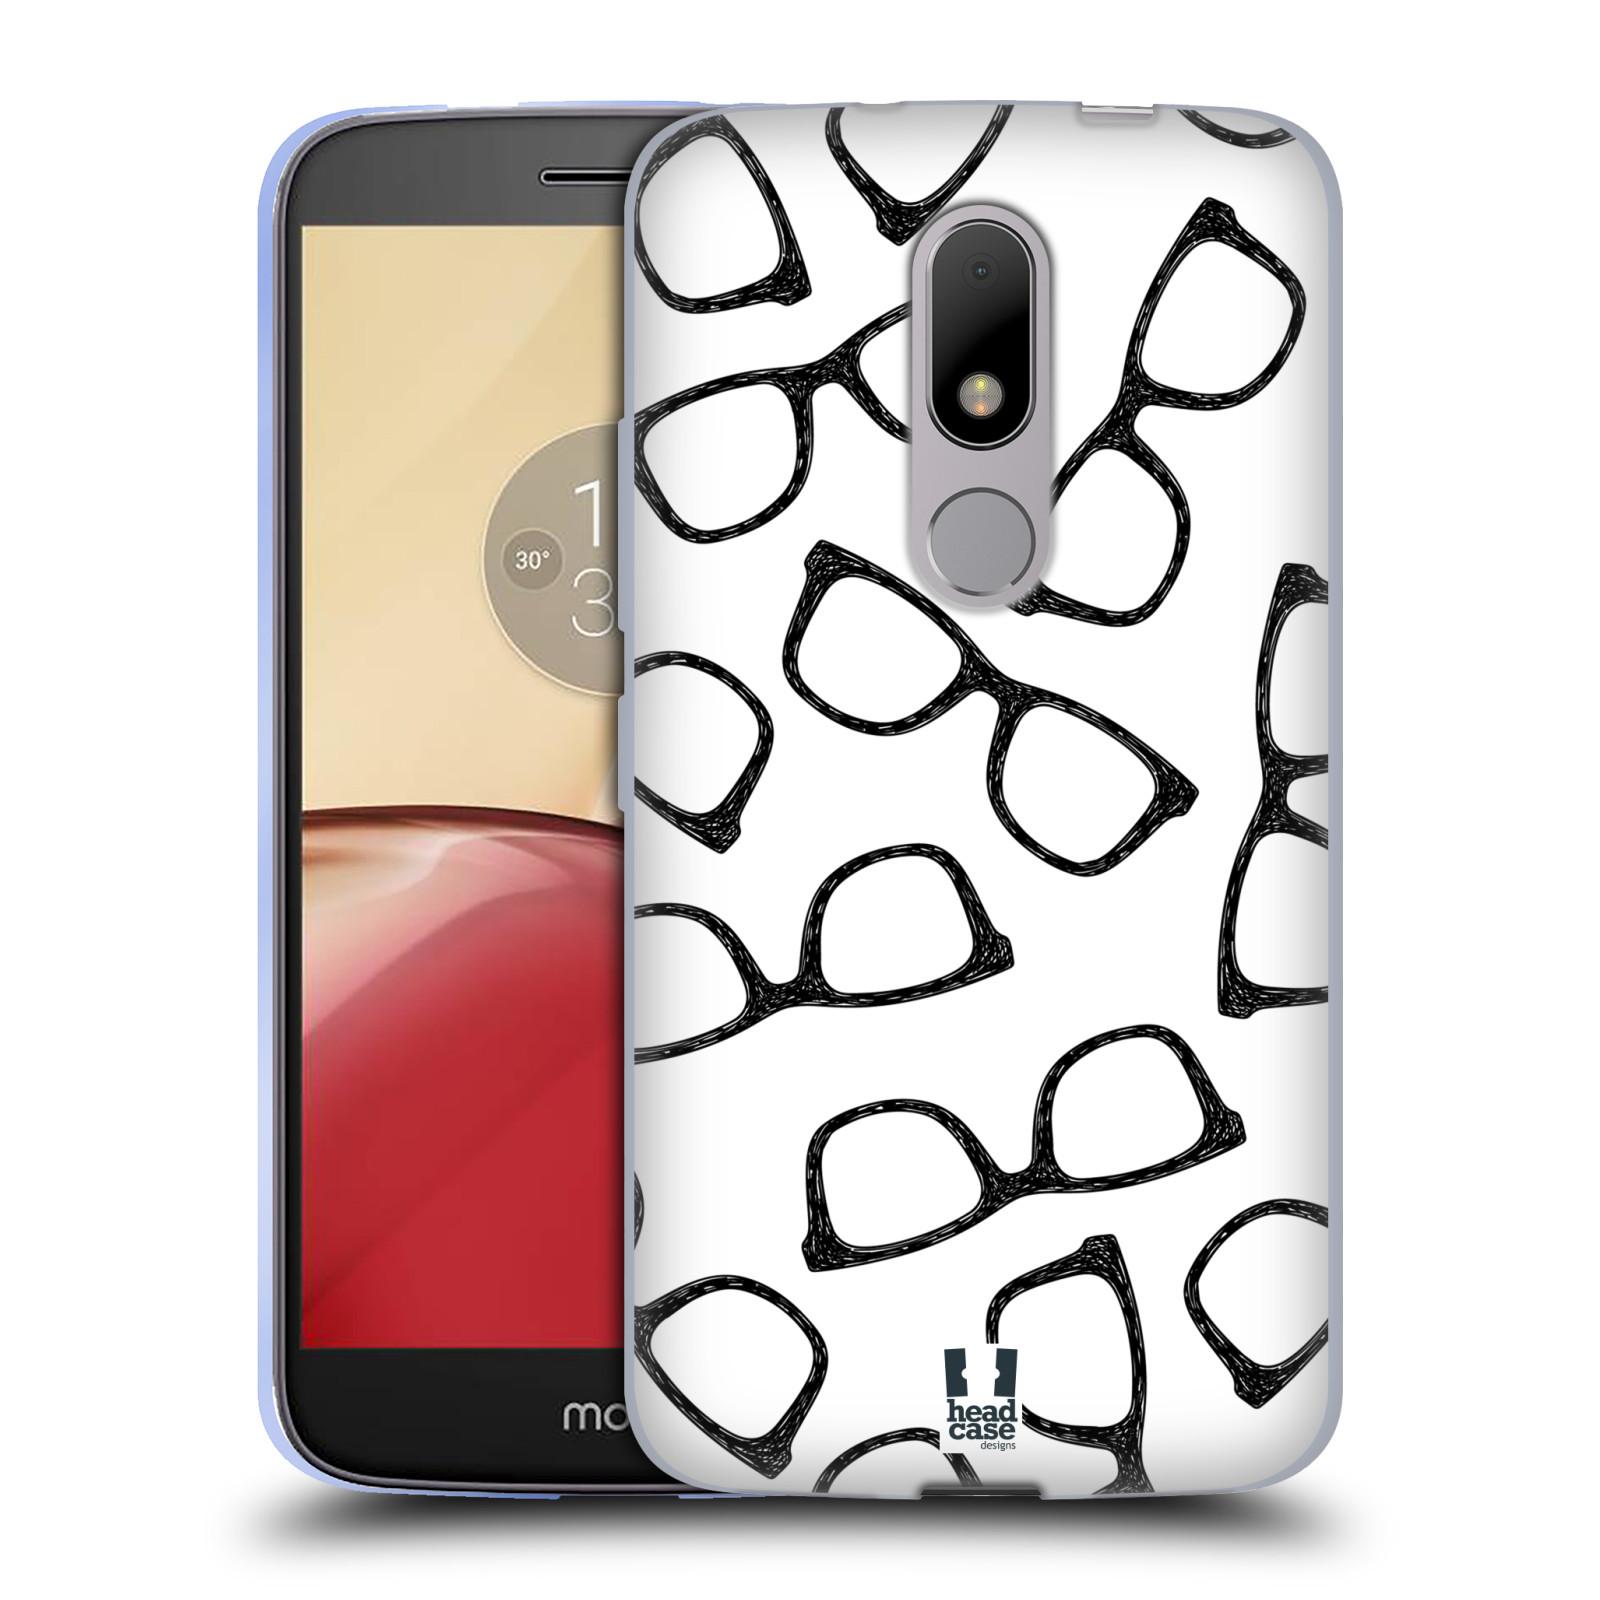 Silikonové pouzdro na mobil Lenovo Moto M - Head Case HIPSTER BRÝLE (Silikonový kryt či obal na mobilní telefon Lenovo Moto M (Dual Sim))